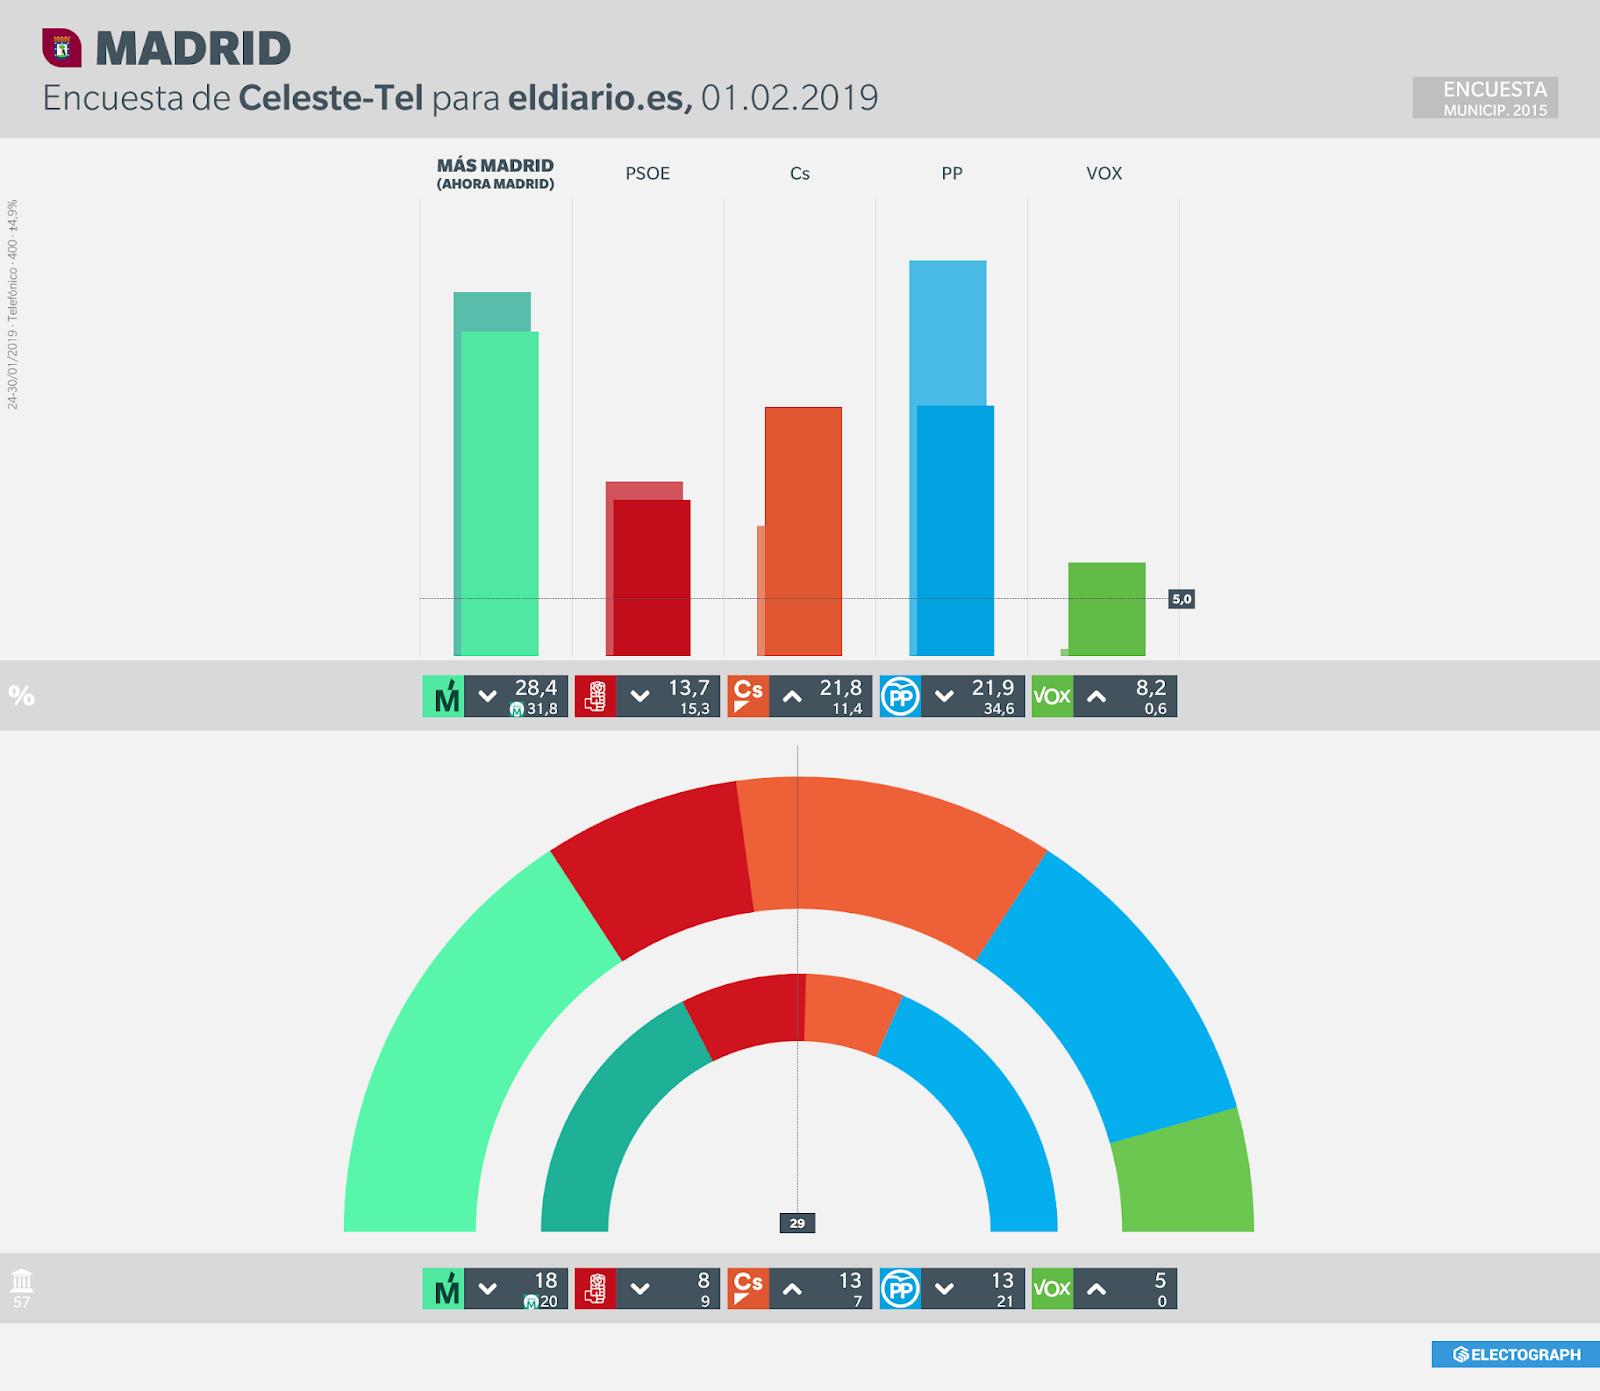 Gráfico de la encuesta para elecciones municipales en Madrid realizada por Celeste-Tel para eldiario.es, 1 de febrero de 2019